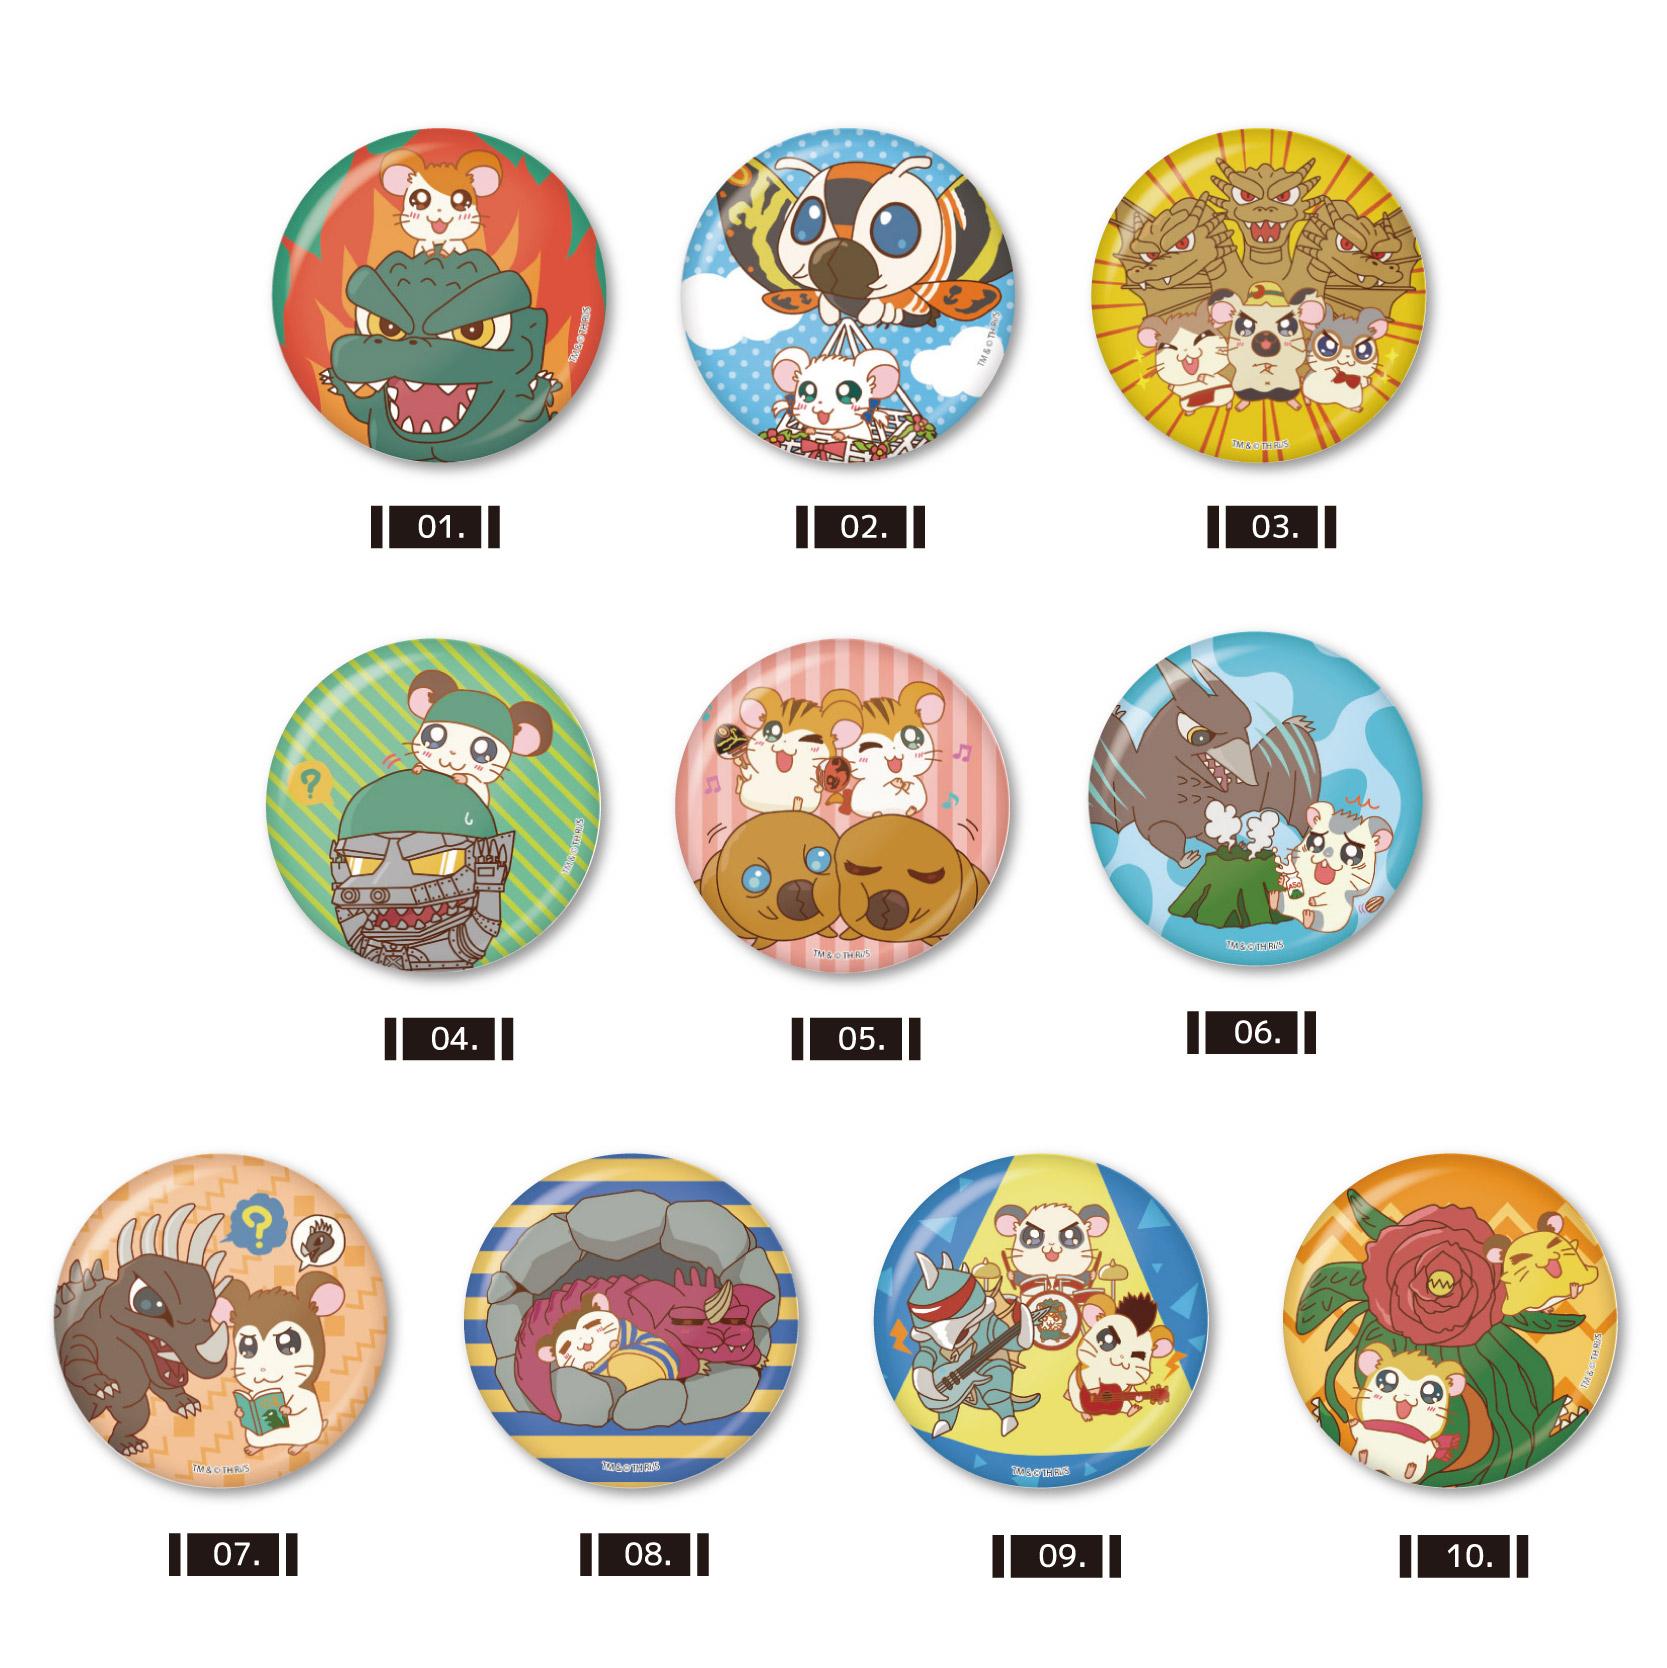 価格:660円(税込)